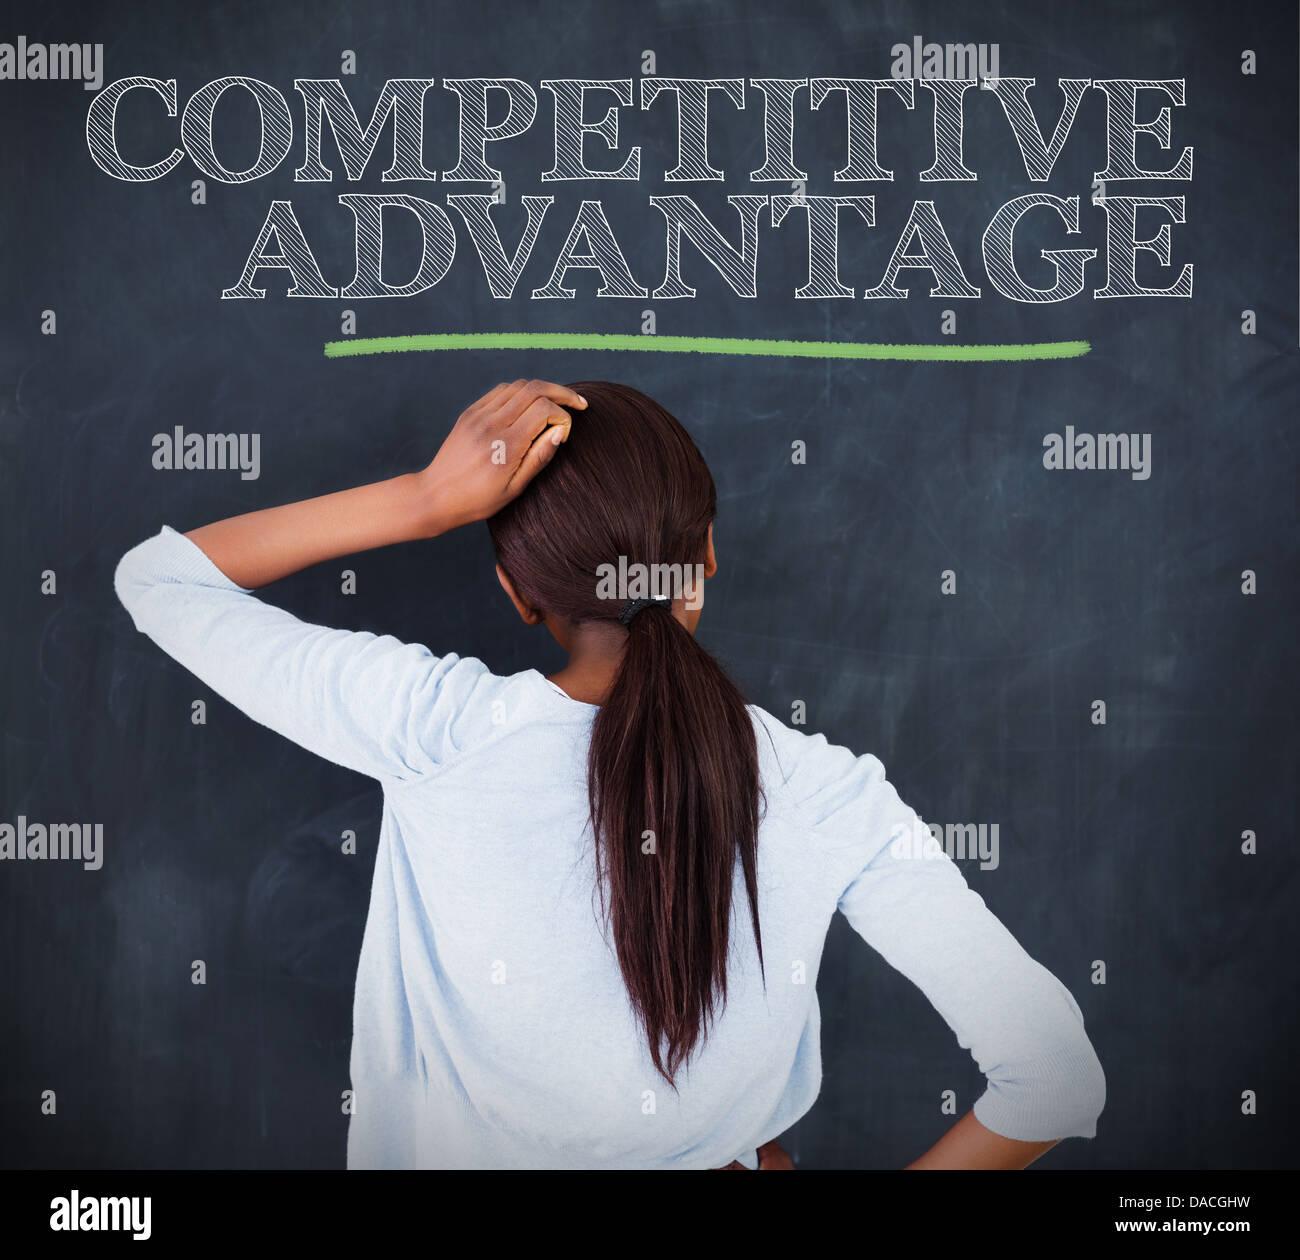 Frau das Wort Wettbewerbsvorteil betrachten Stockbild